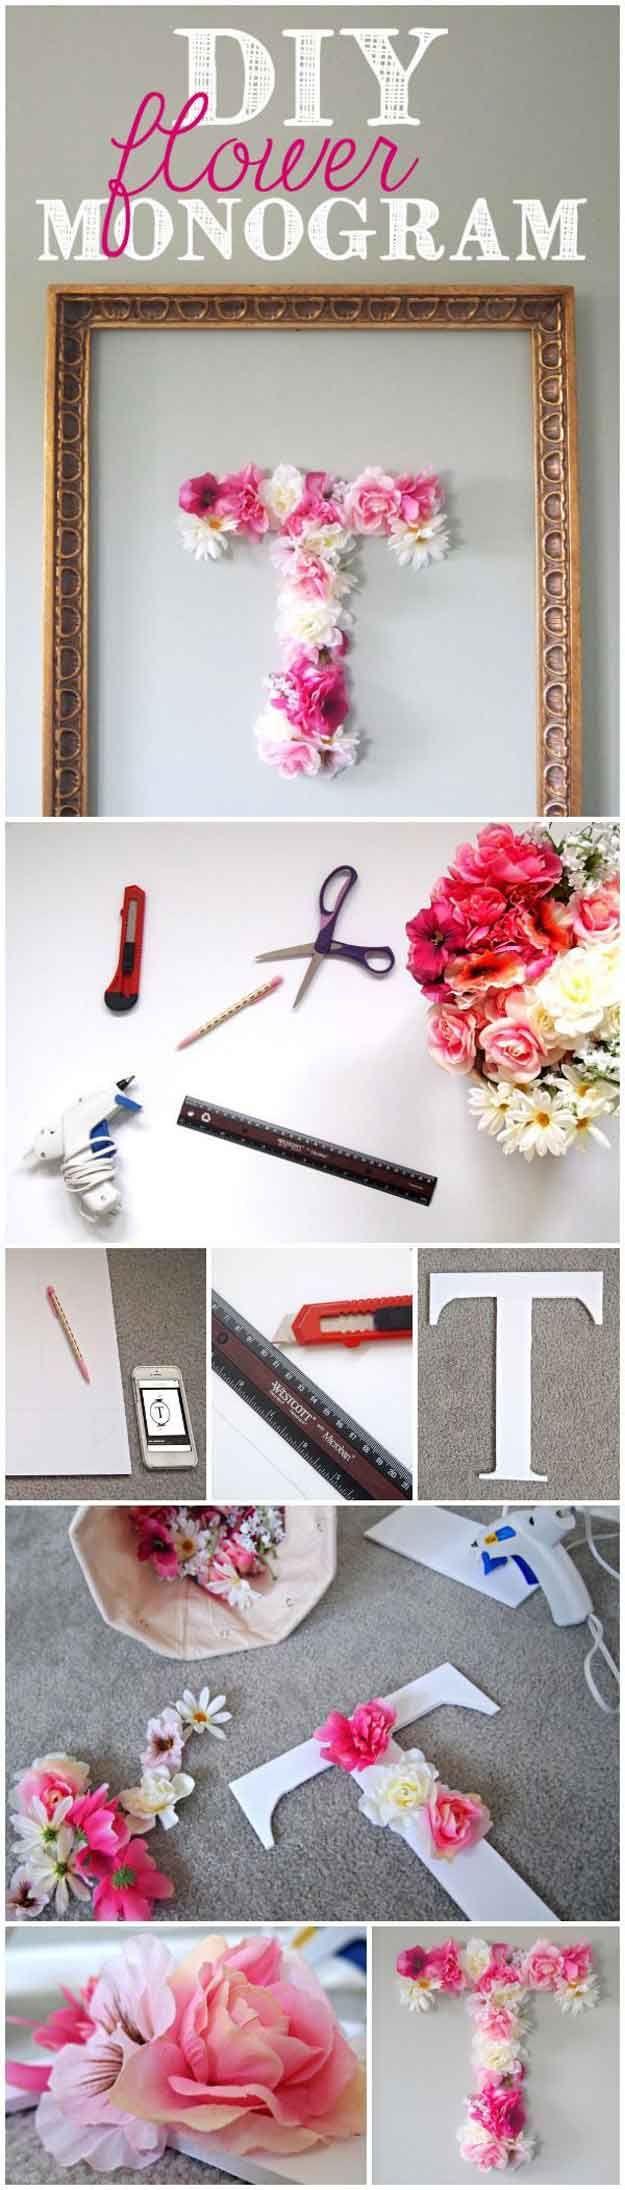 Diy projects for bedroom pinterest  best teen bedroom decorating images on pinterest  bedroom ideas